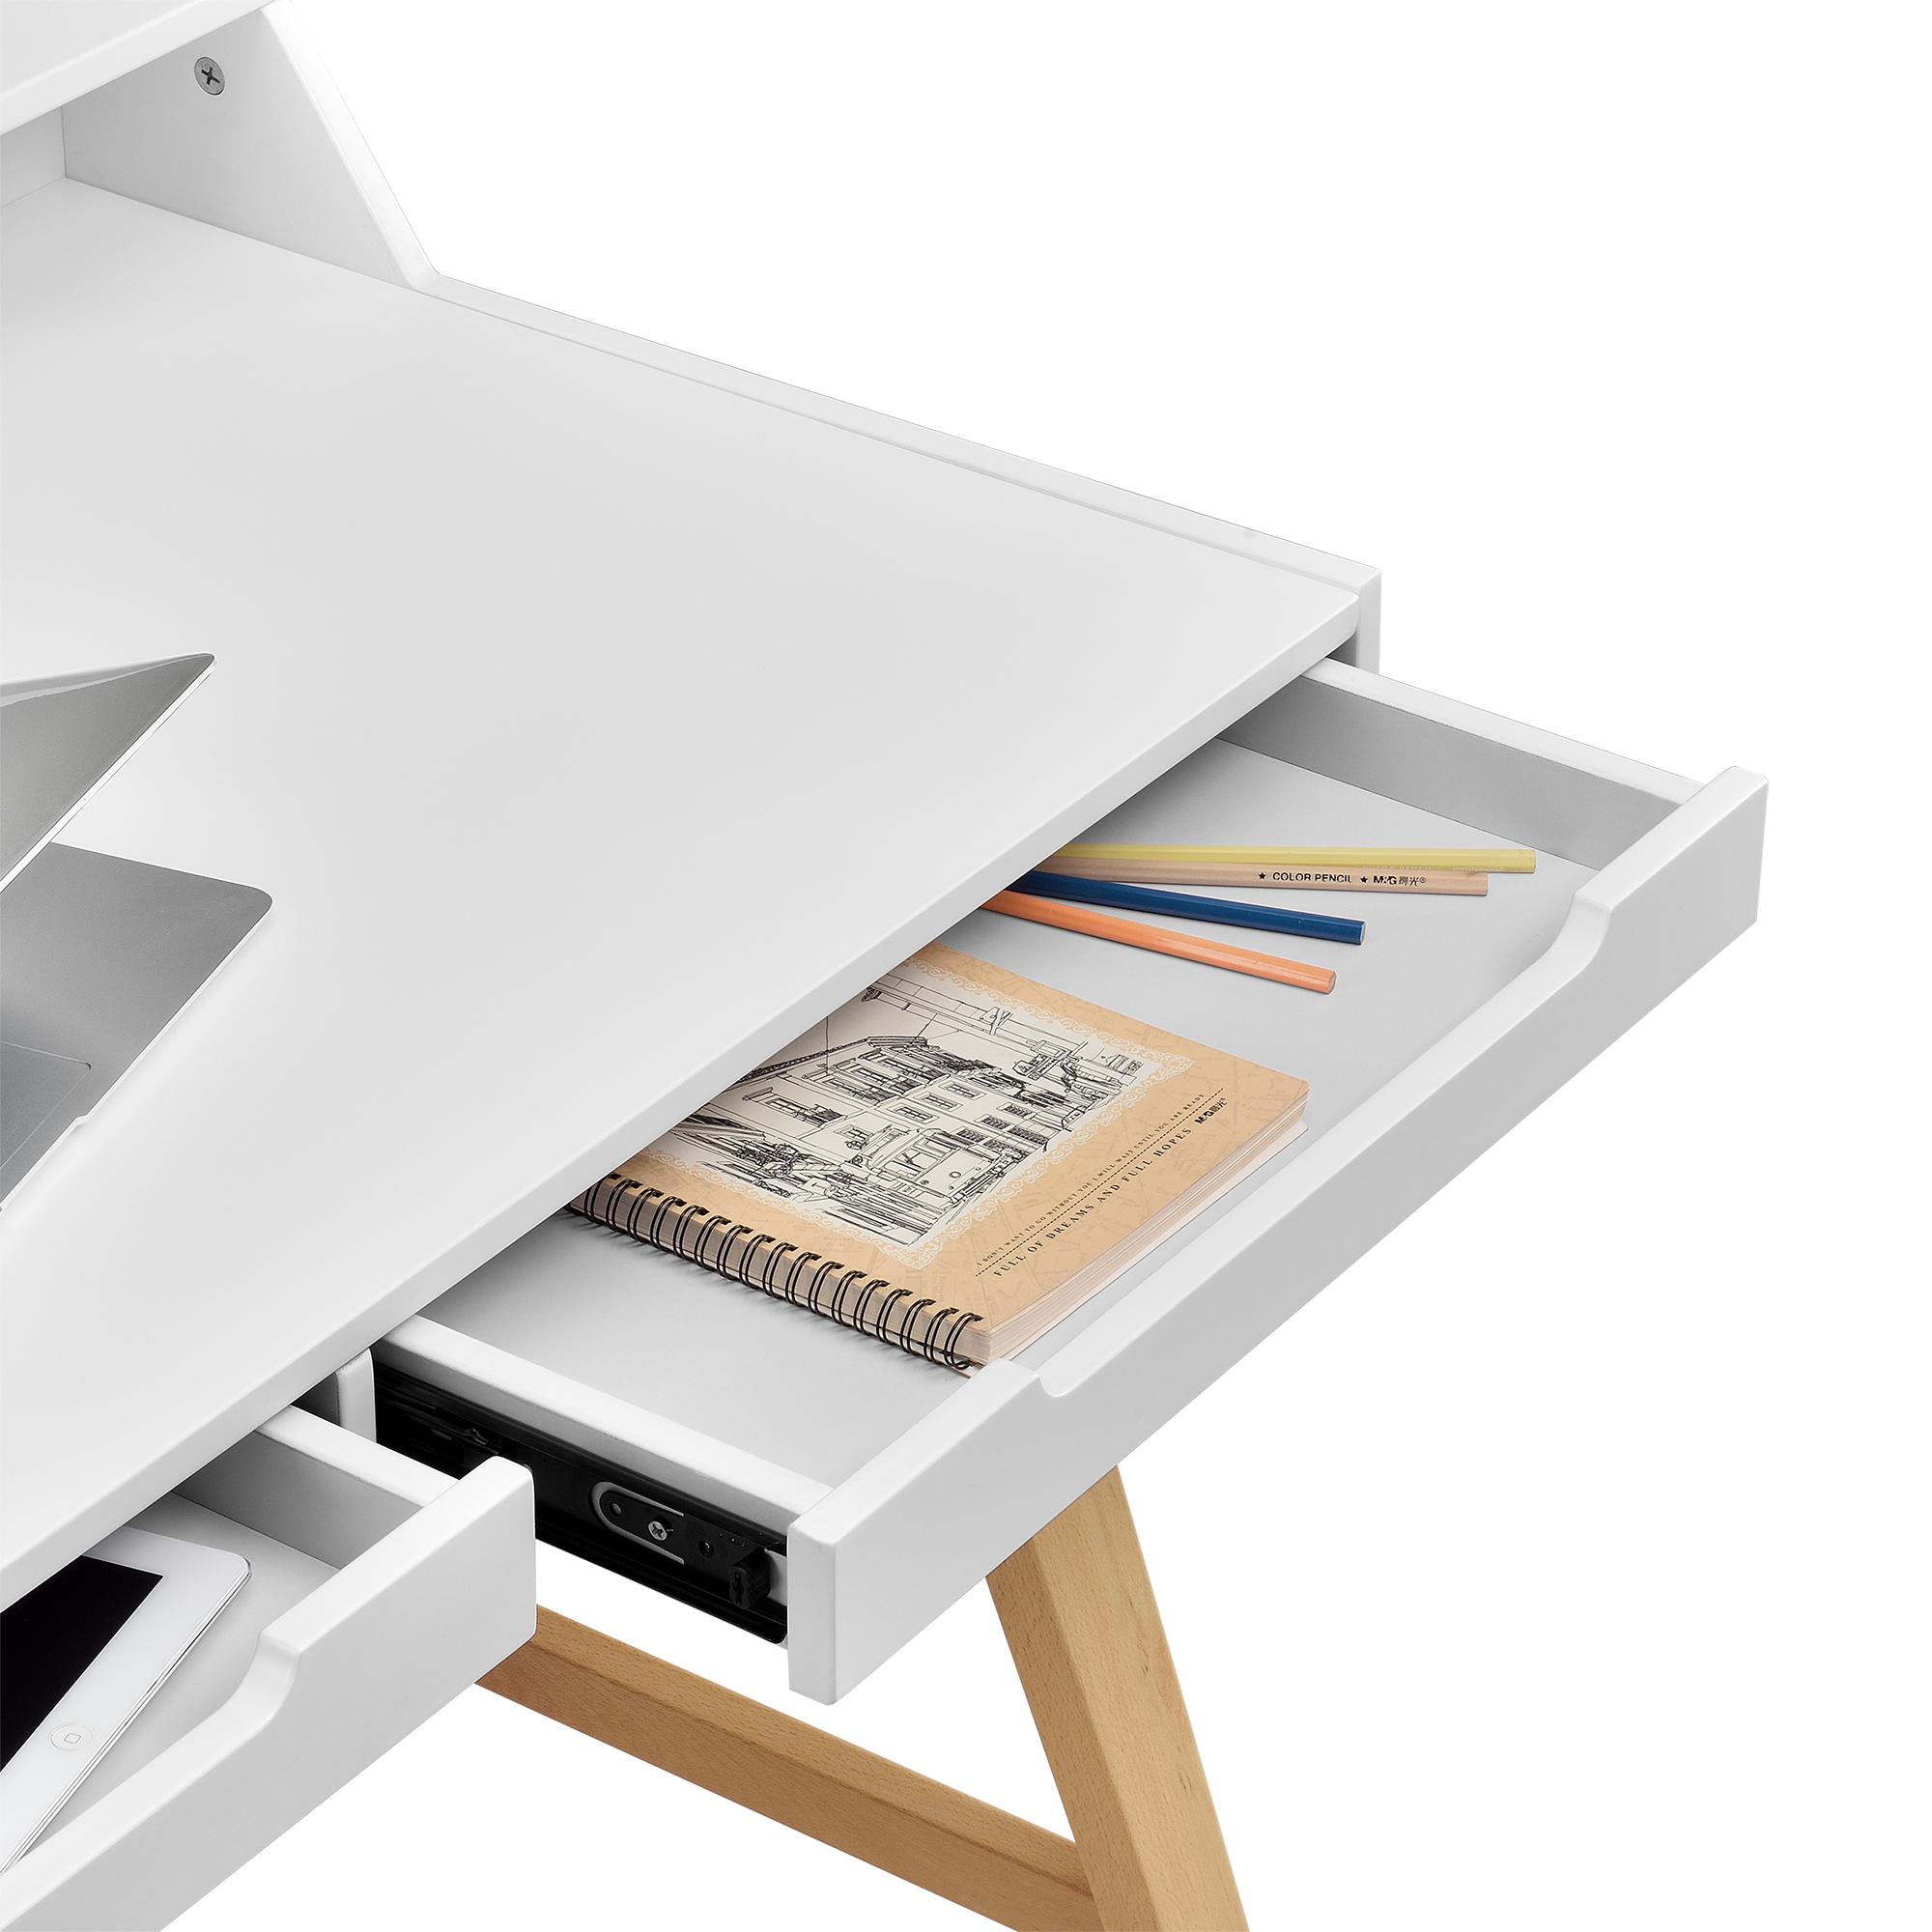 Bureau avec chaise blanc meuble d for Meuble console ordinateur